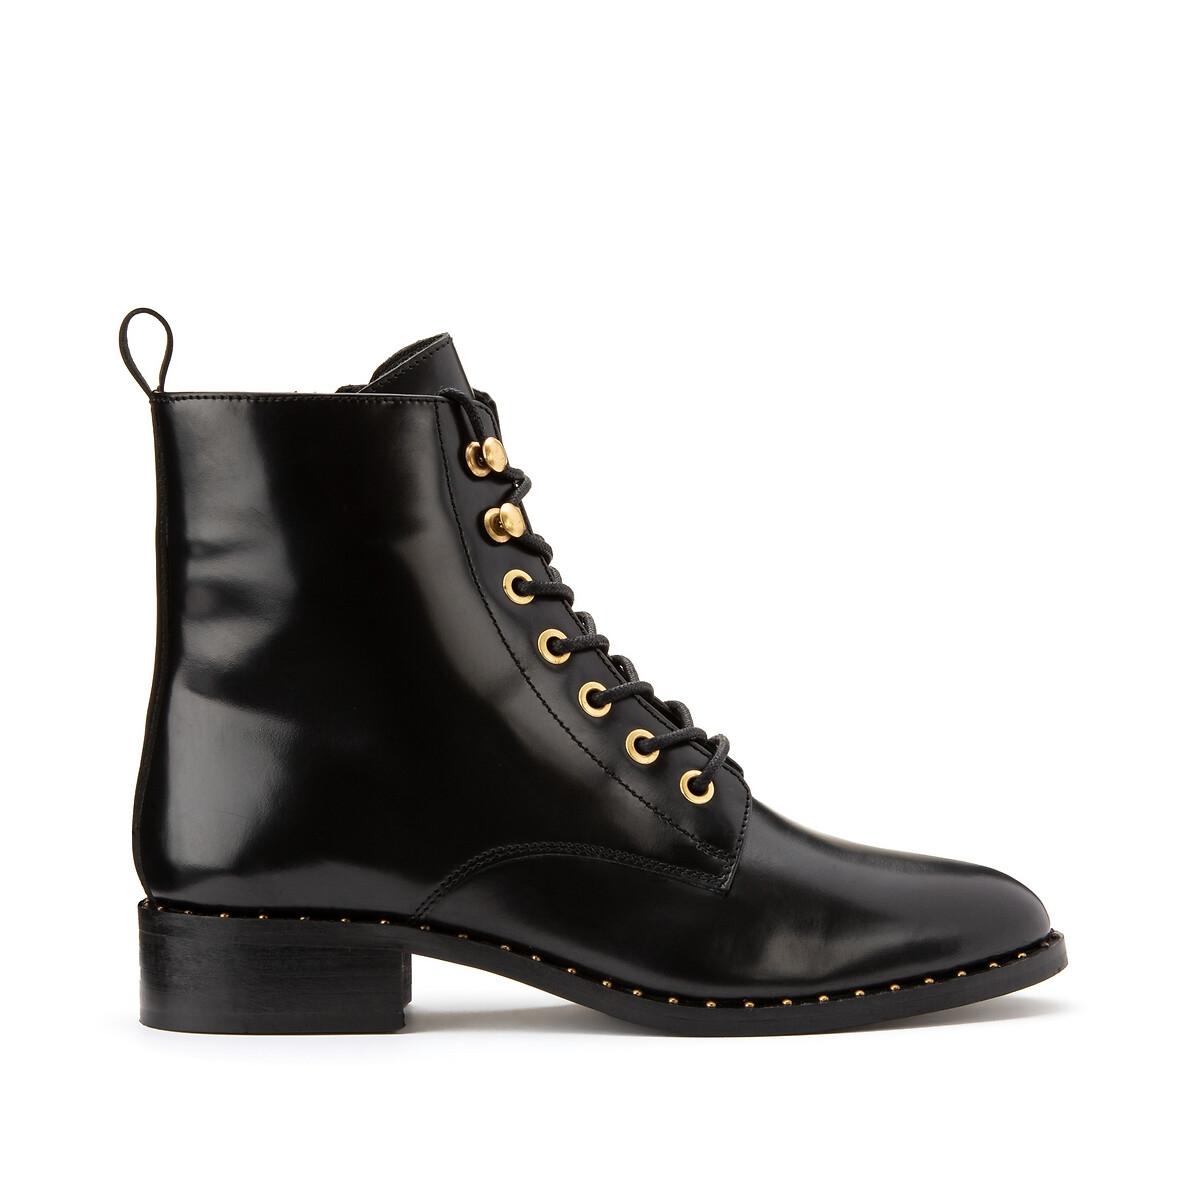 Ботинки LaRedoute Из кожи на плоском каблуке 42 черный балетки laredoute с завязкой вокруг щиколотки на плоском каблуке 37 розовый